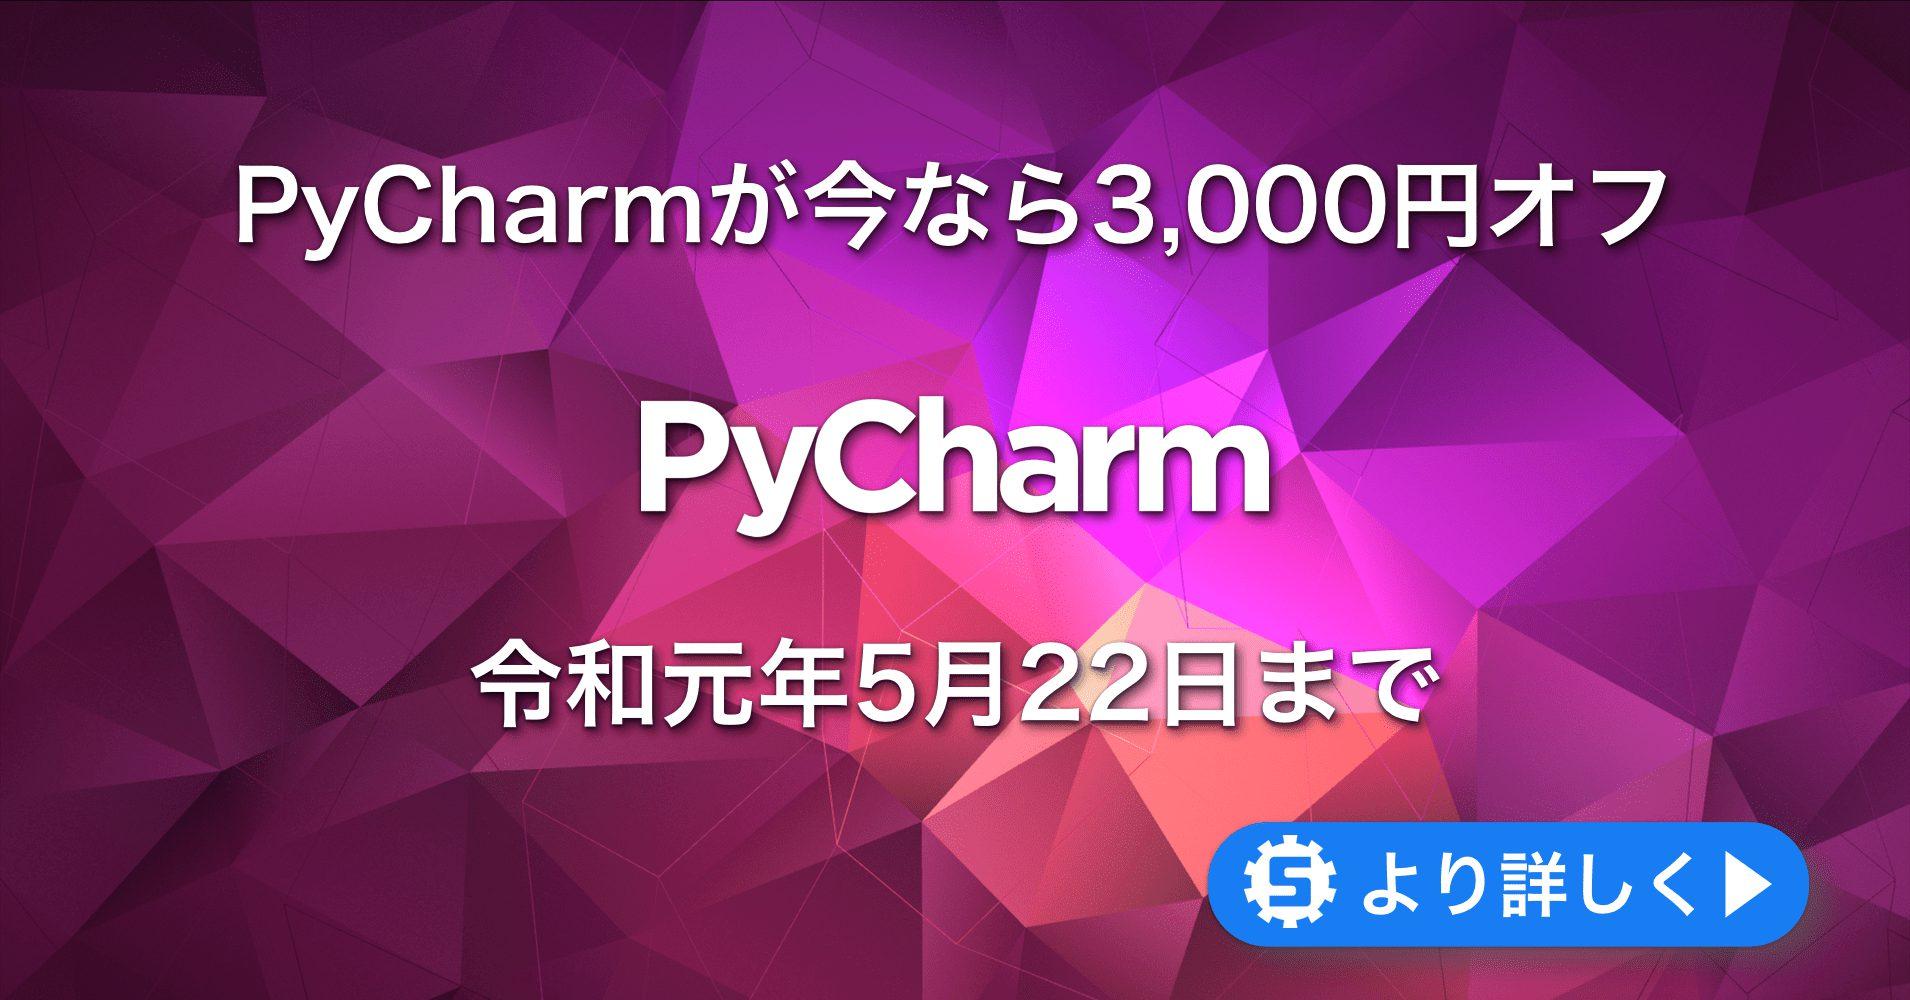 【本キャンペーン】PyCharmが期間限定で3,000円オフ! #pycham30off